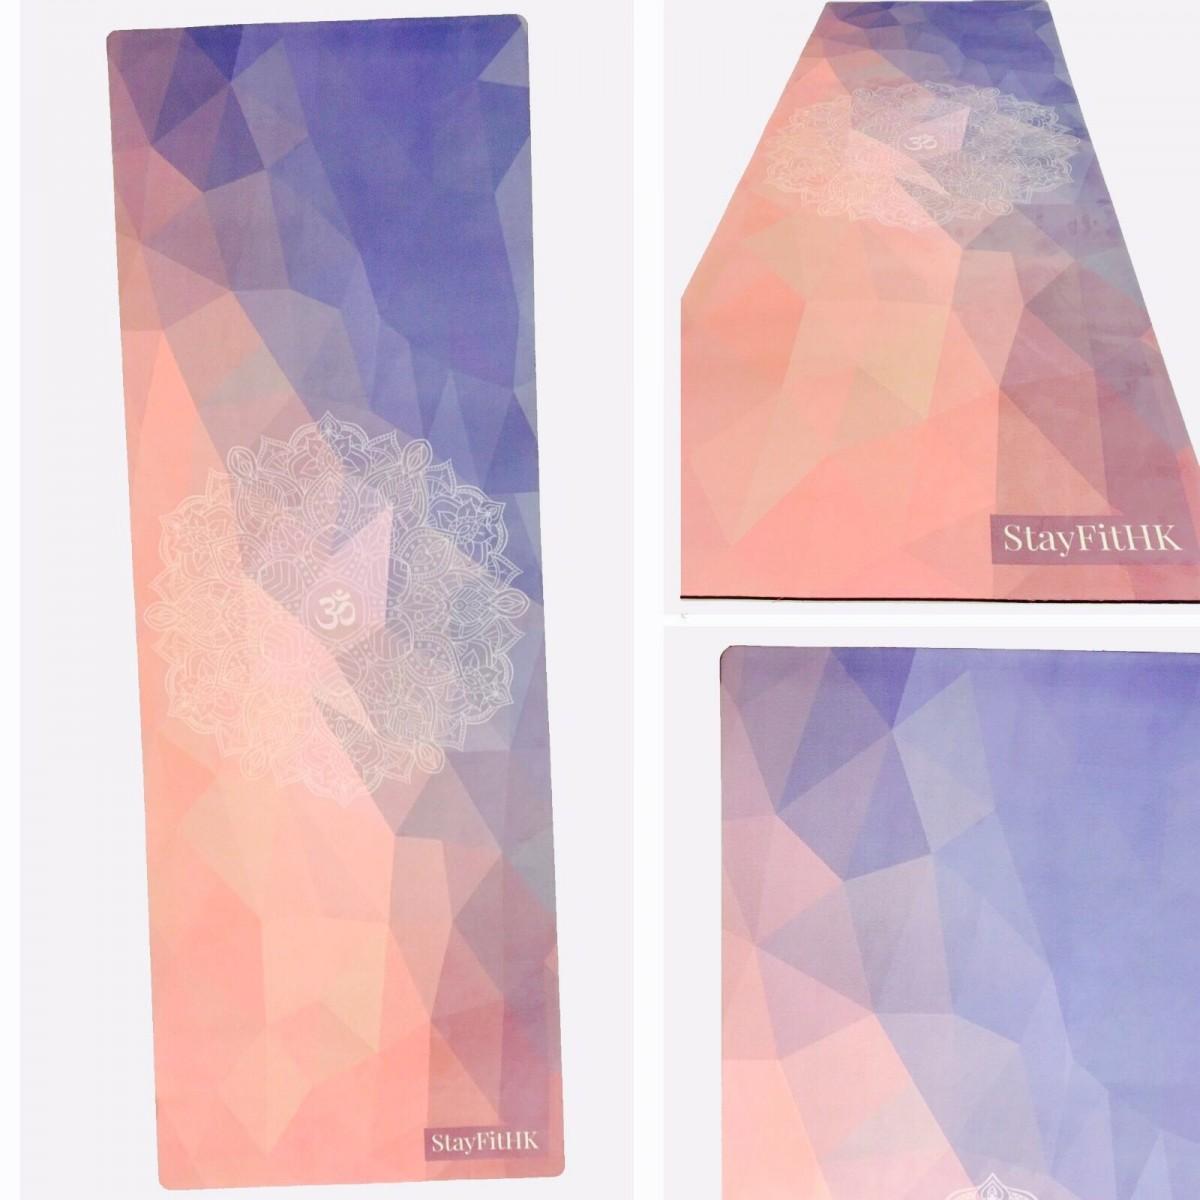 StayFitHK Serenity Yoga Mat